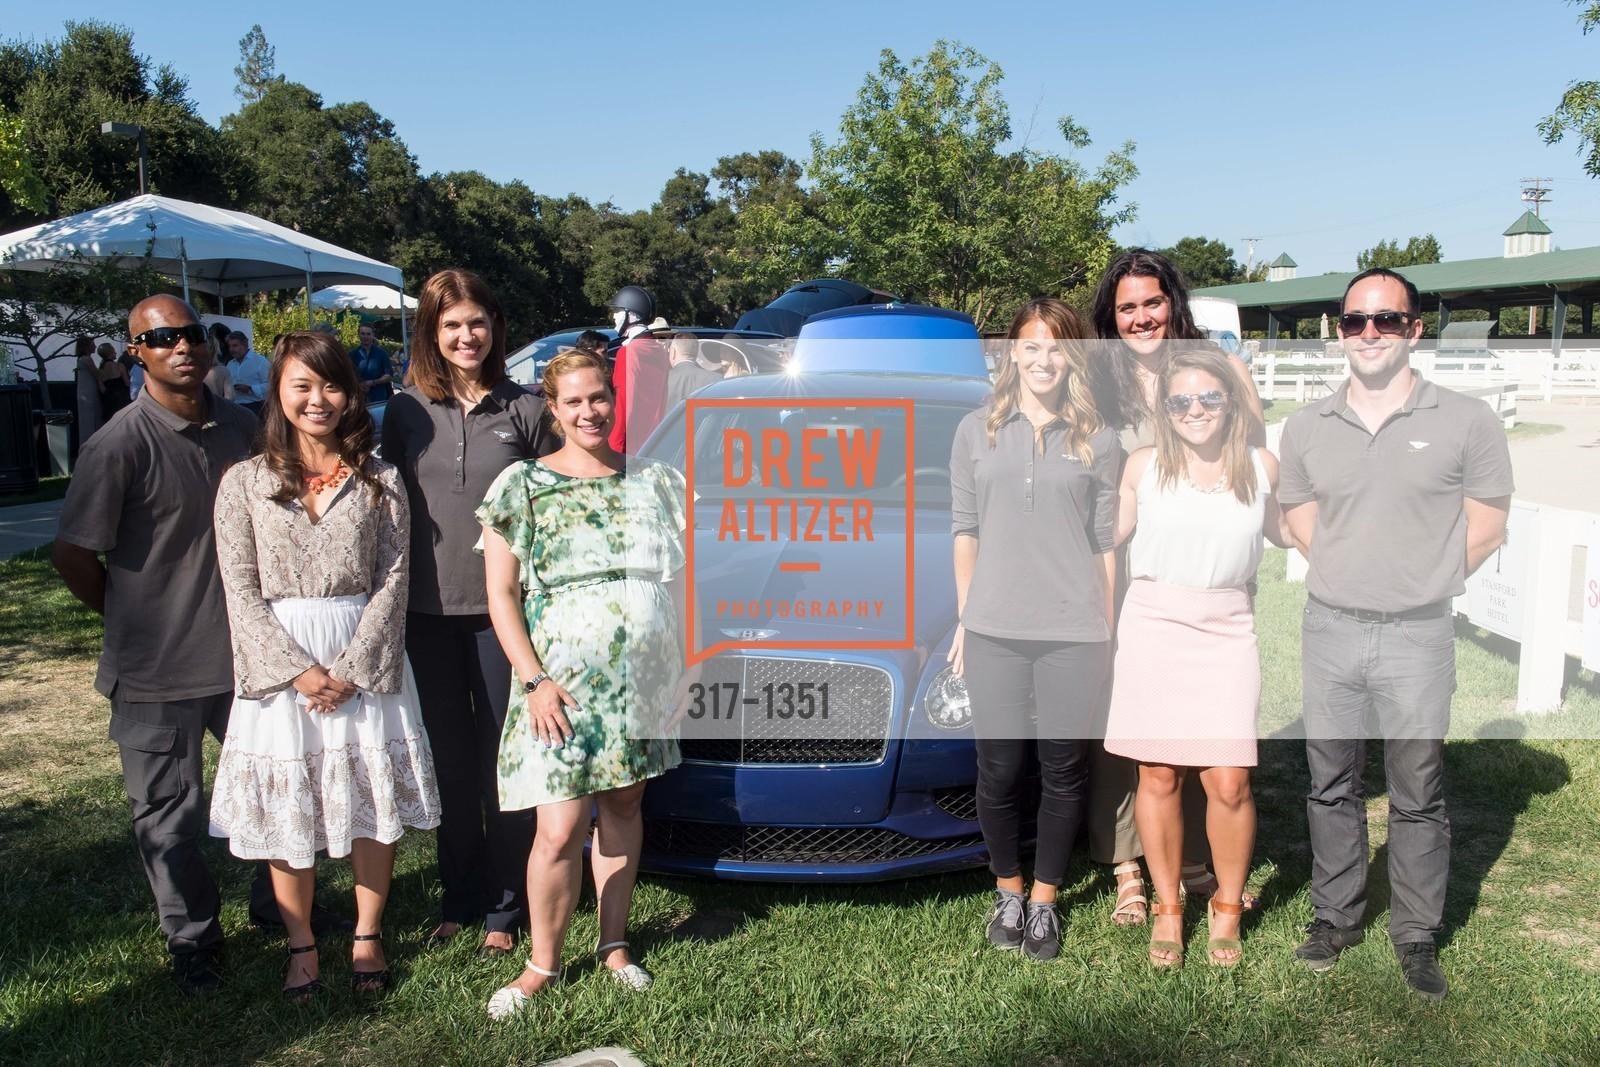 Evelyne Quach, Shelley Dennis, Megan Agrusa, Stephanie Butler, Caitlyn Gualtieri, Jamie Morrow, Photo #317-1351